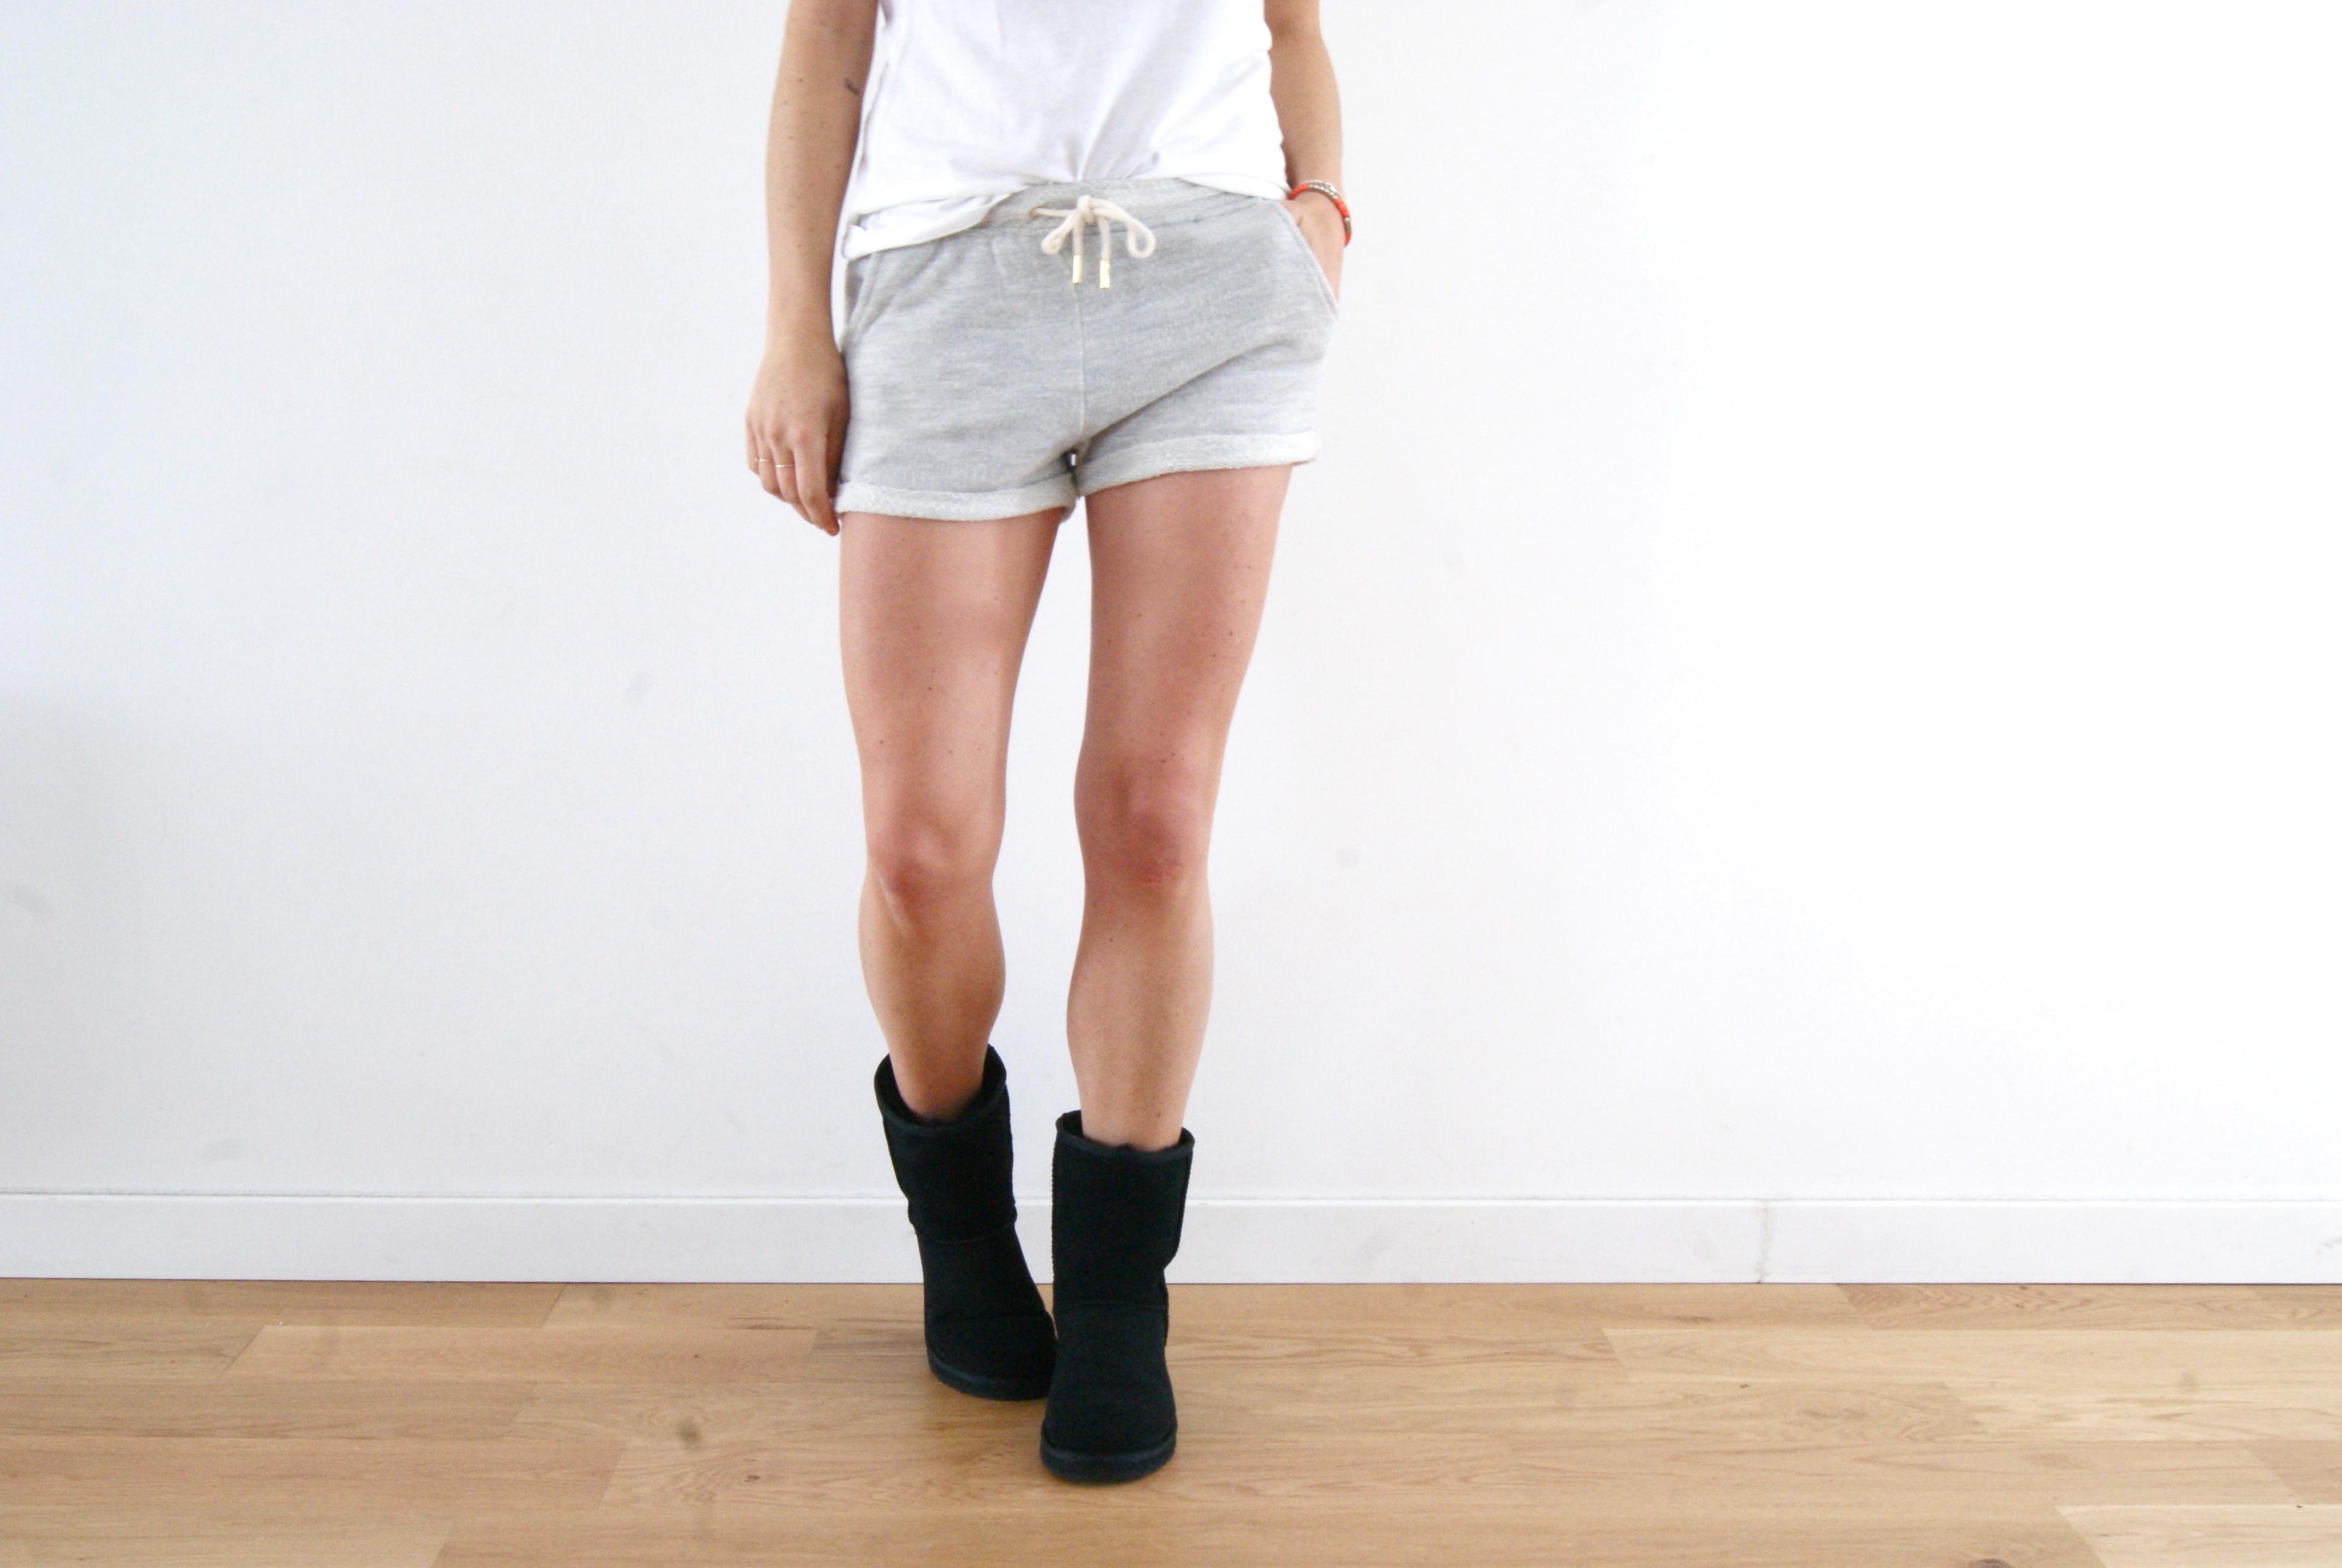 ugg sko 28 ugg porter comment porter des ugg avec classe les hommes devraient porter ugg. Black Bedroom Furniture Sets. Home Design Ideas